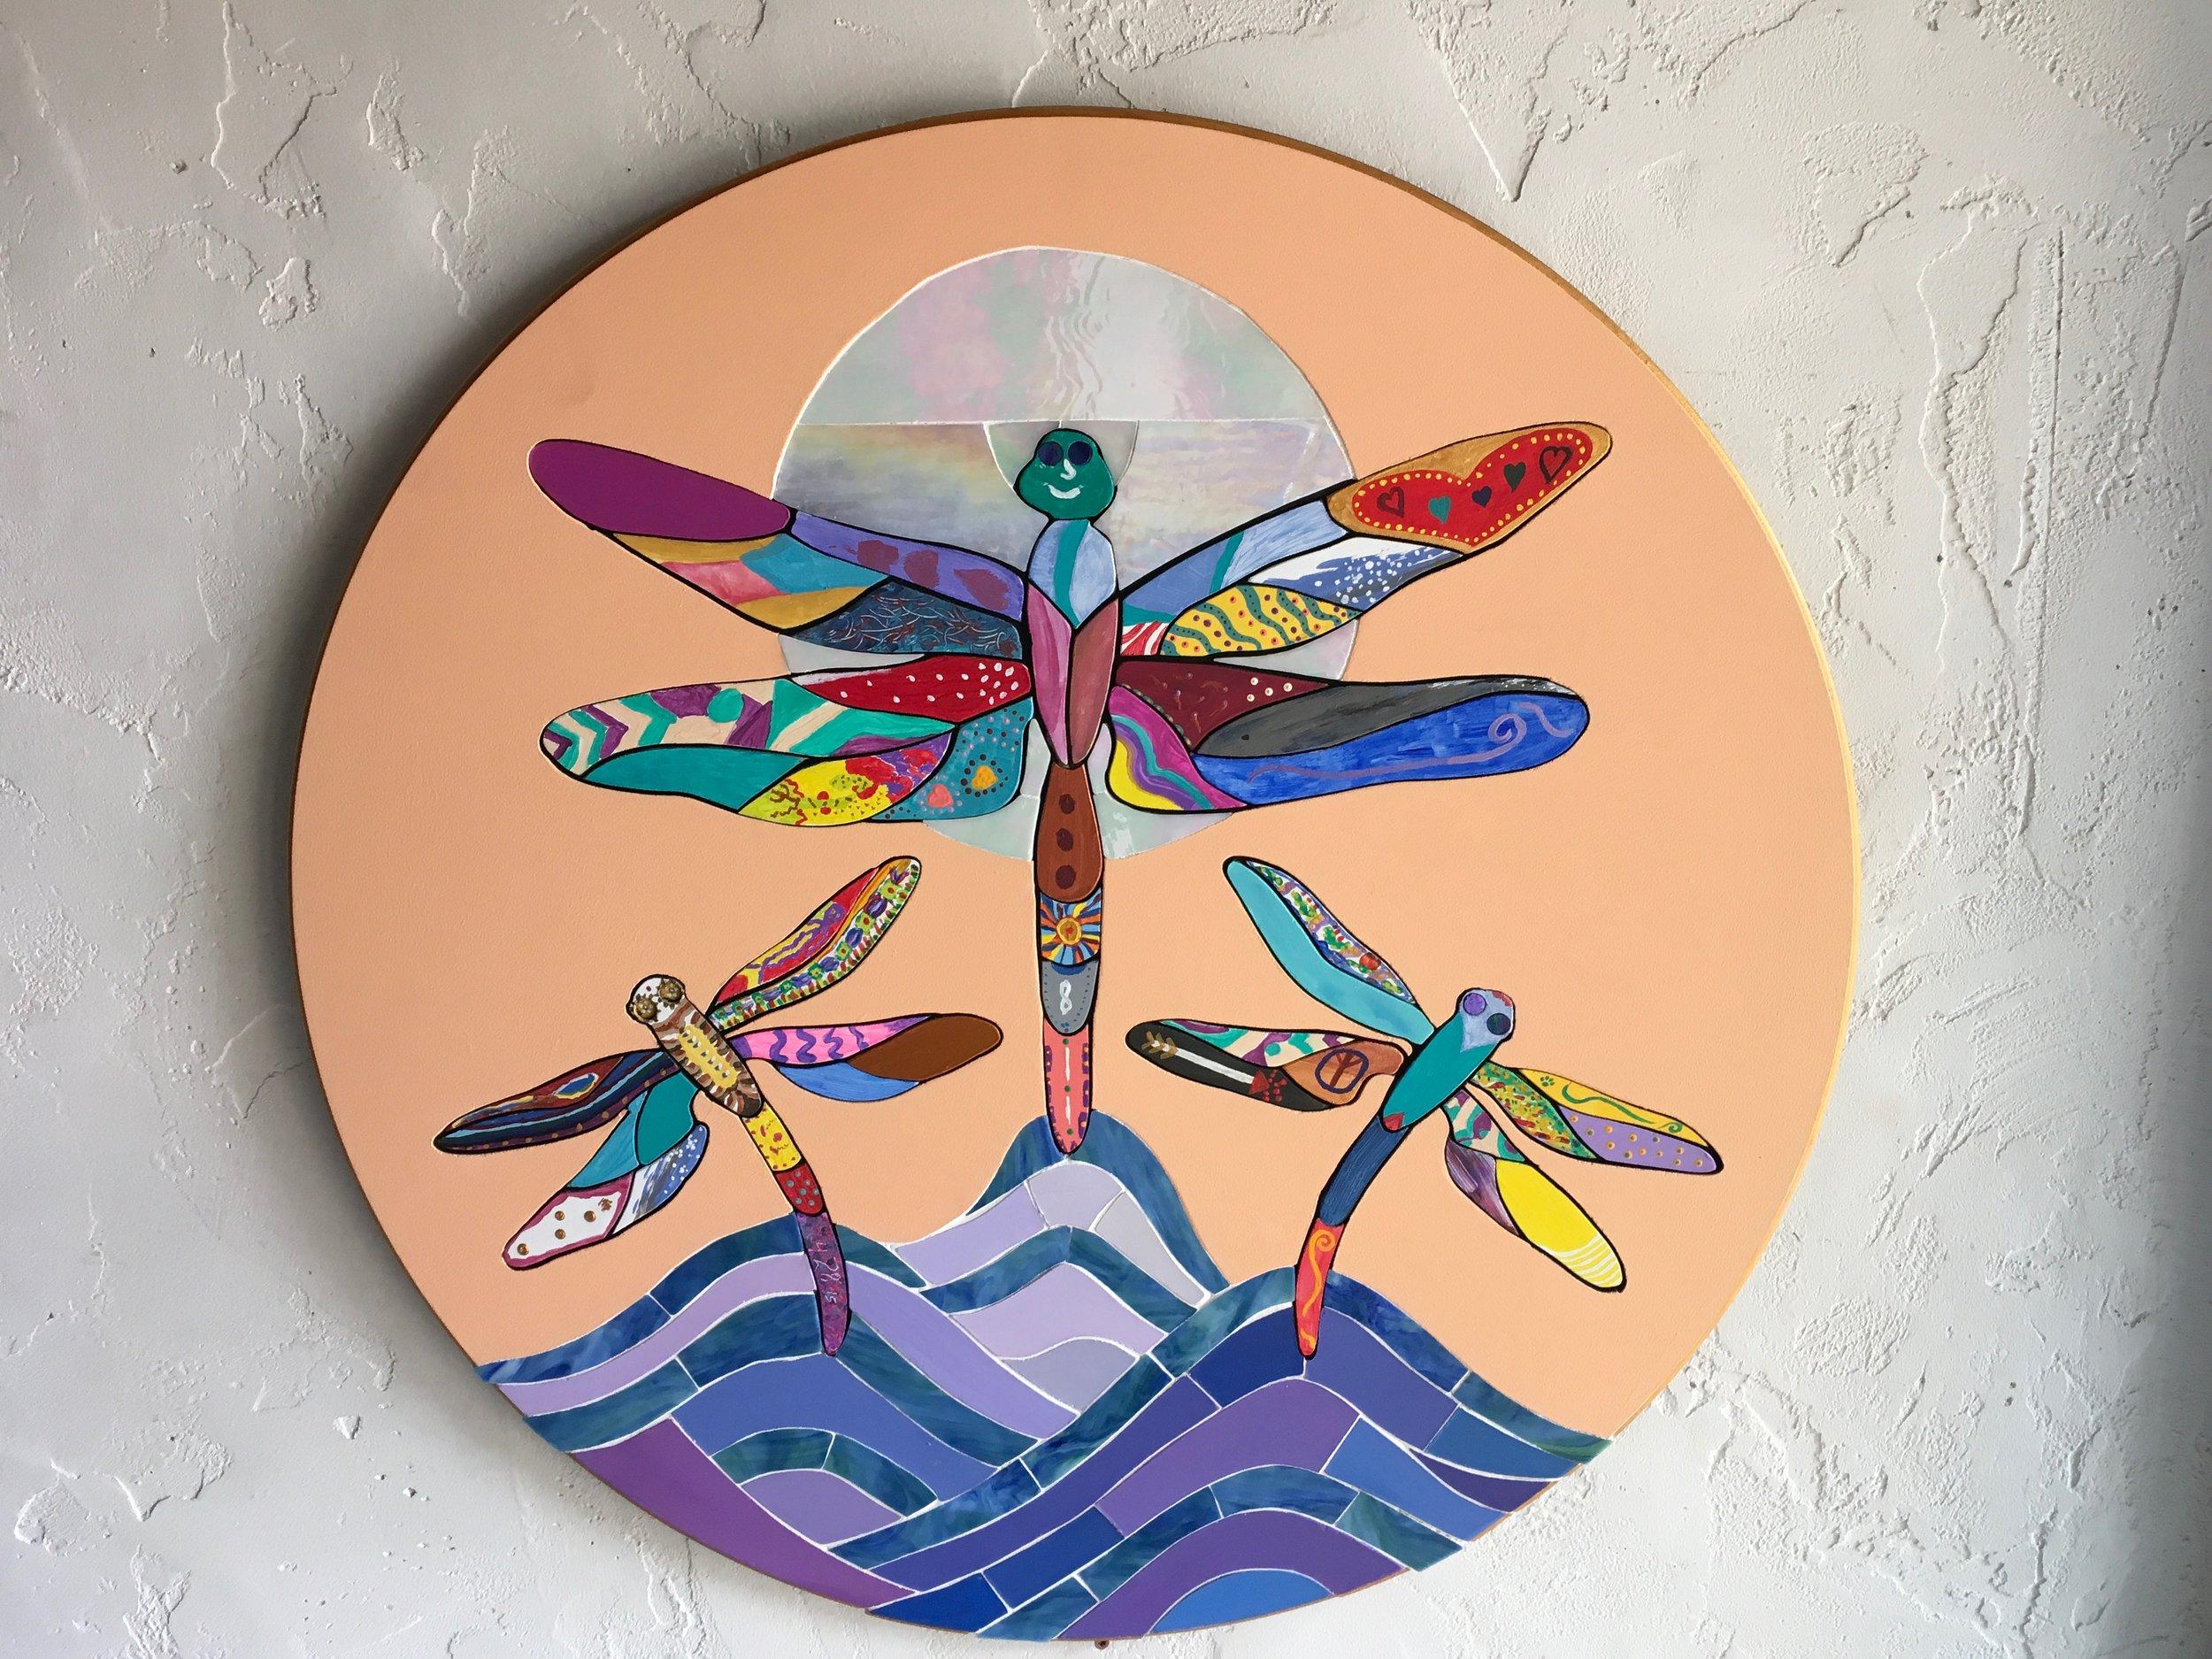 Dragonfly Mosaic.JPG